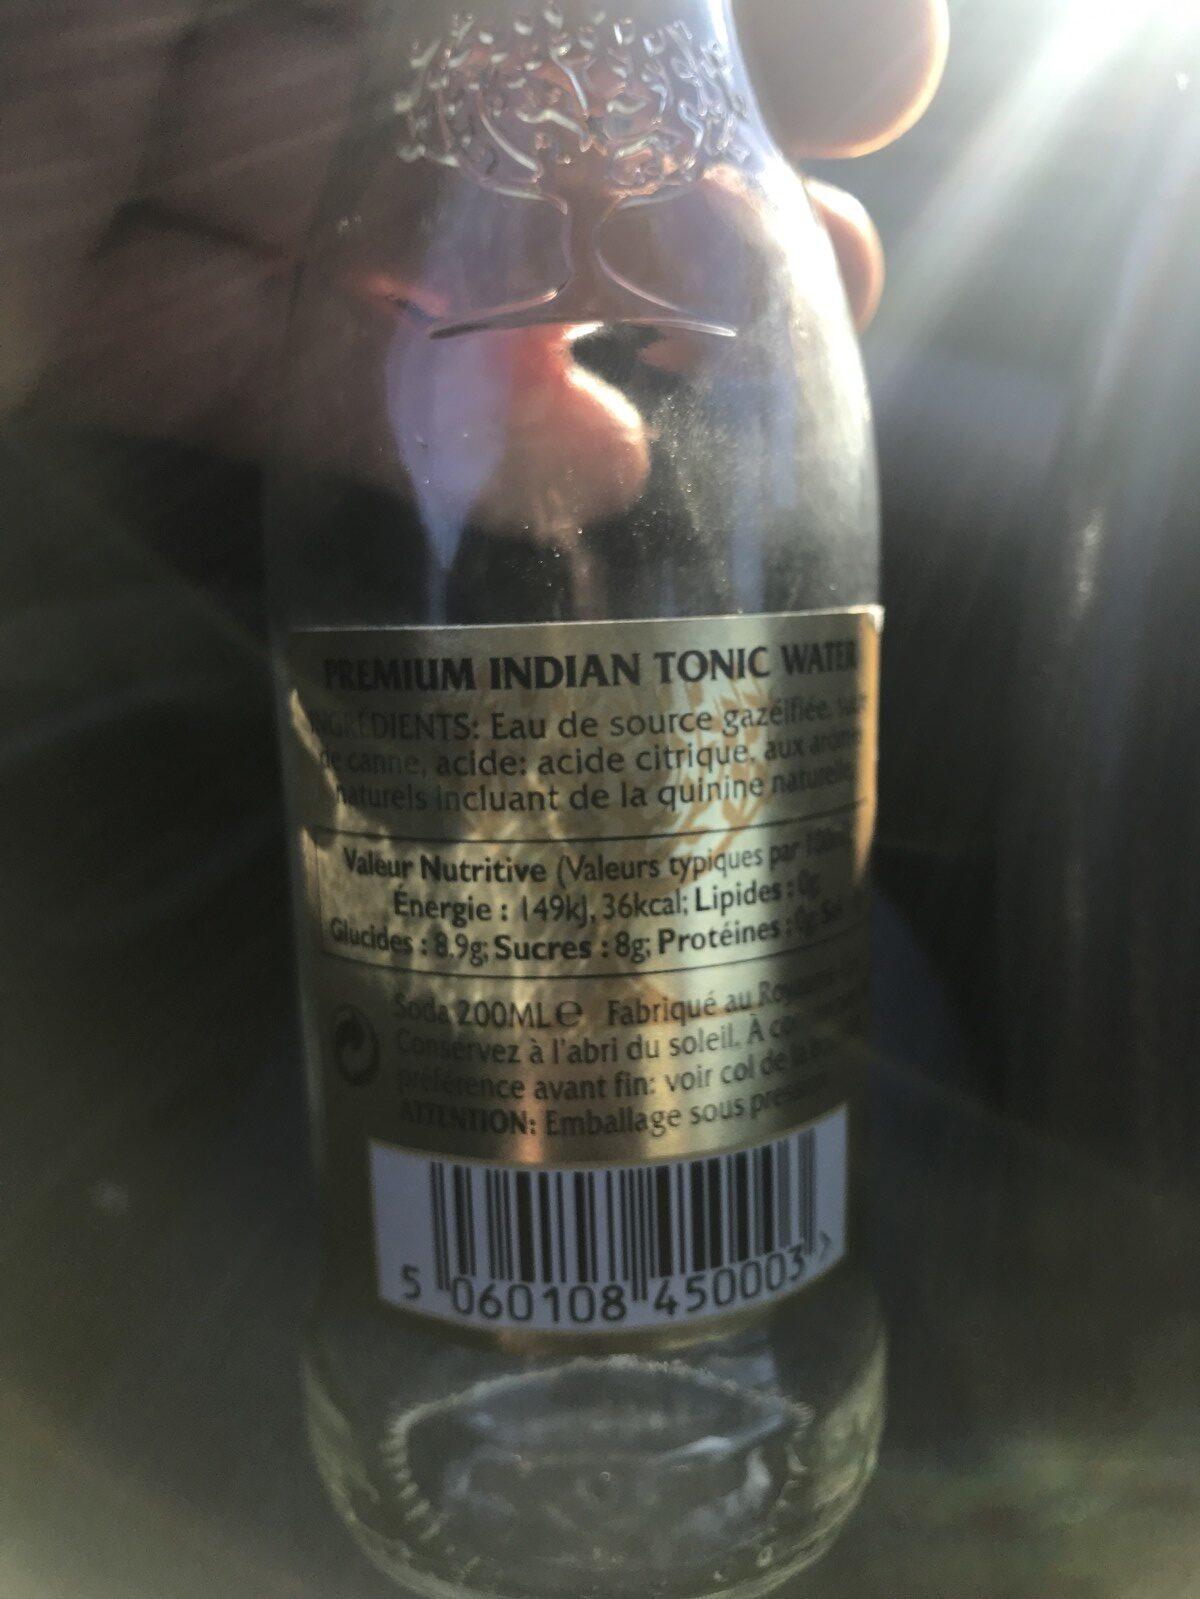 Premium Indian Tonic - Ingrédients